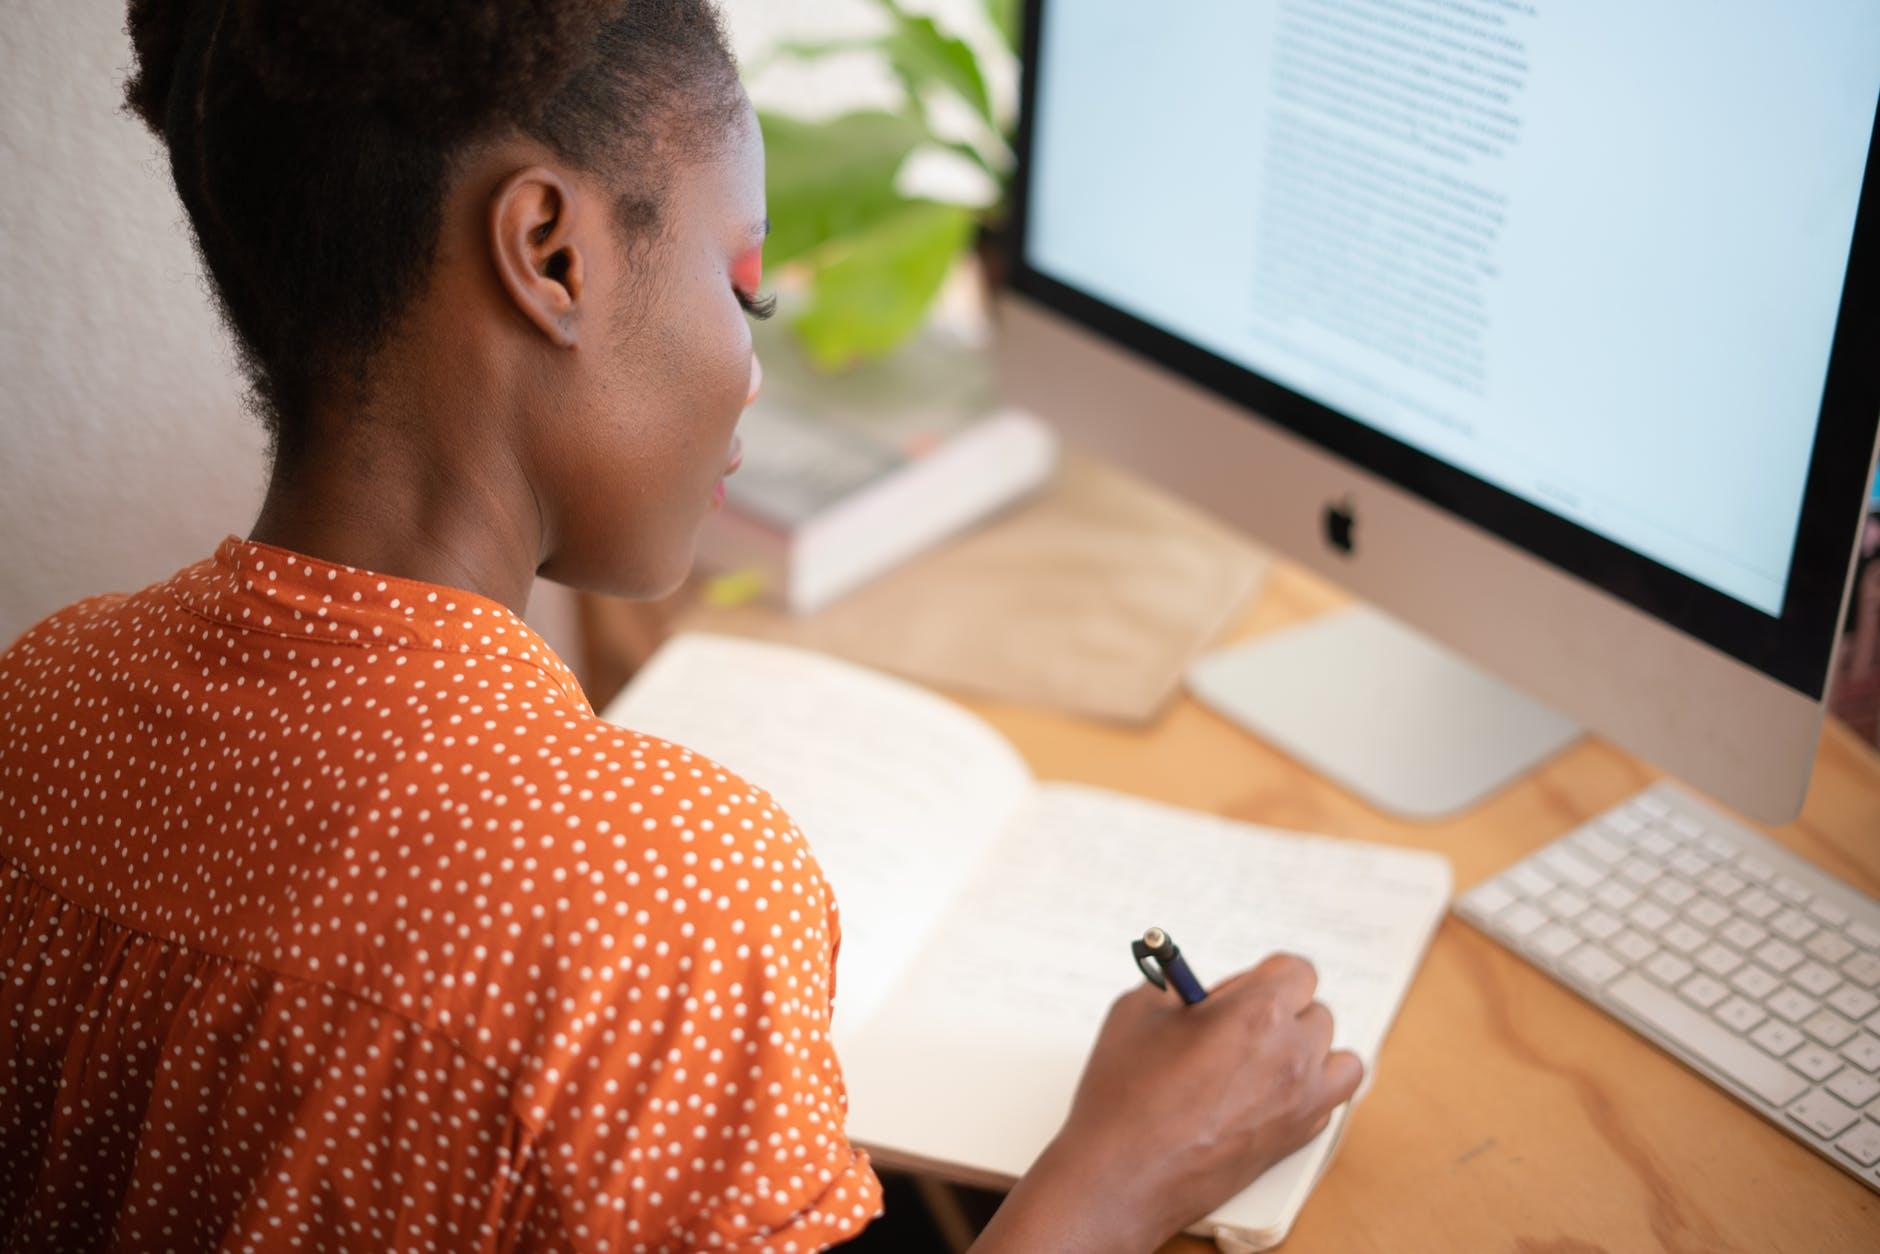 estudante no computador 2